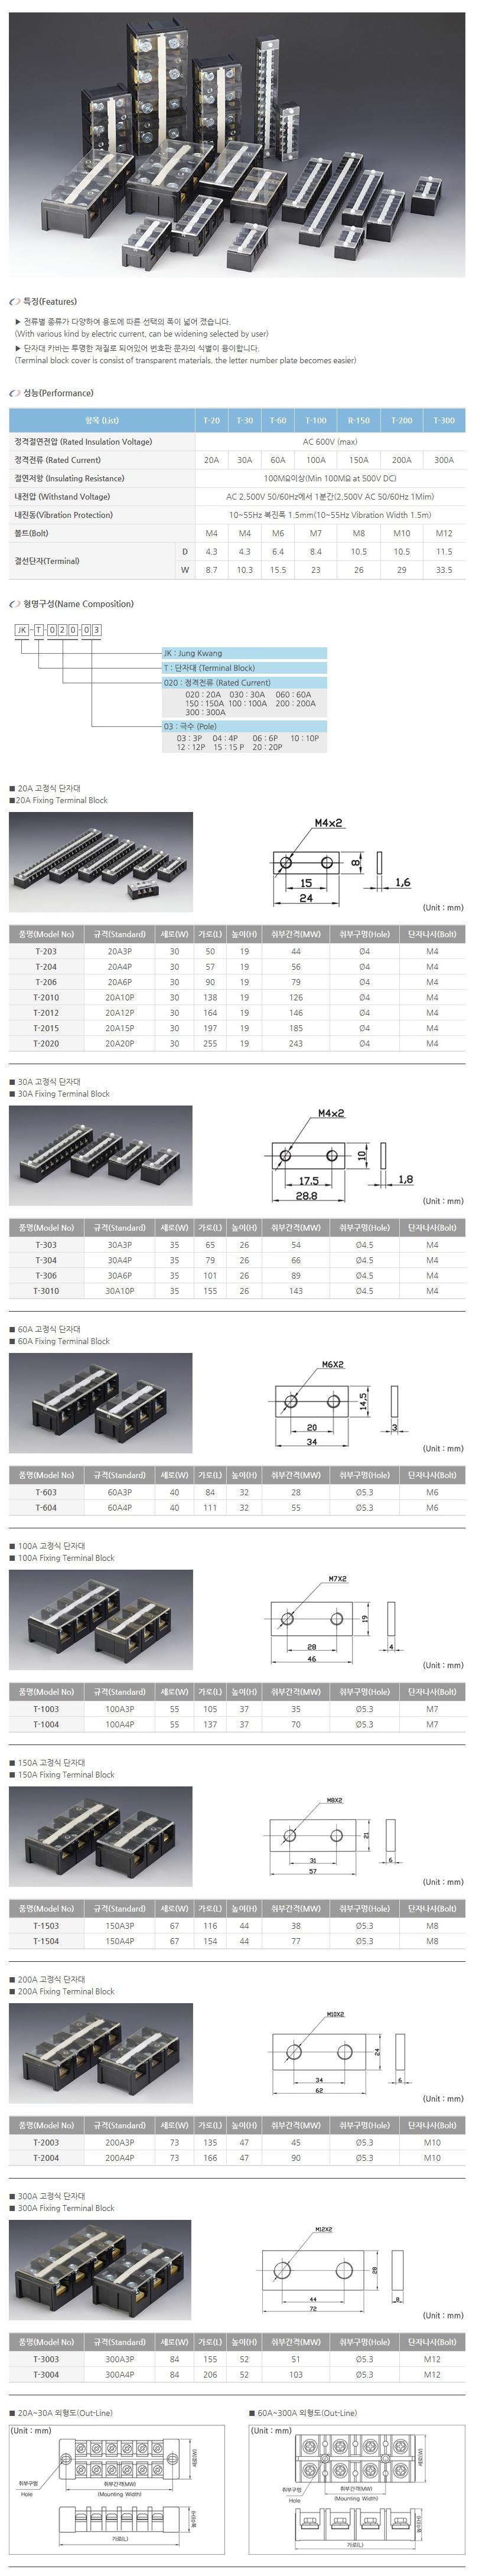 (주)정광테크 고정식 단자대 T-Series 1